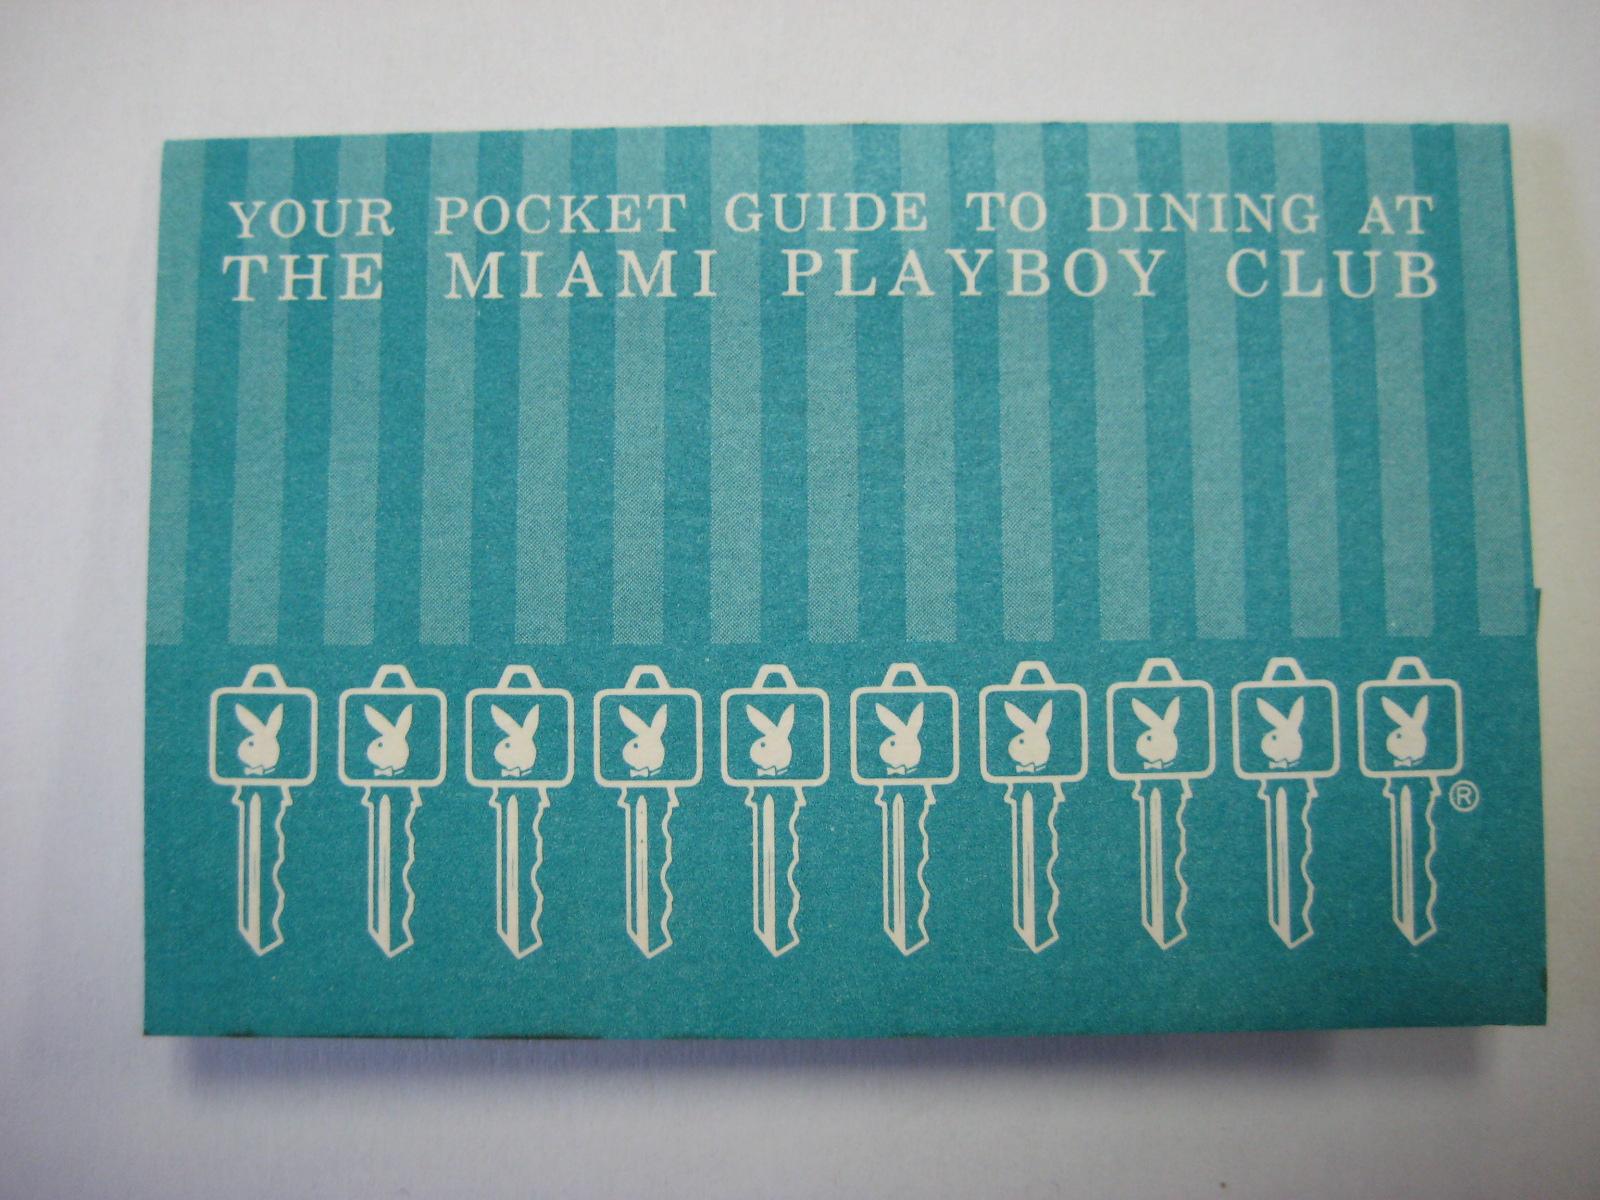 Playboy Club Miami Pocket Guide